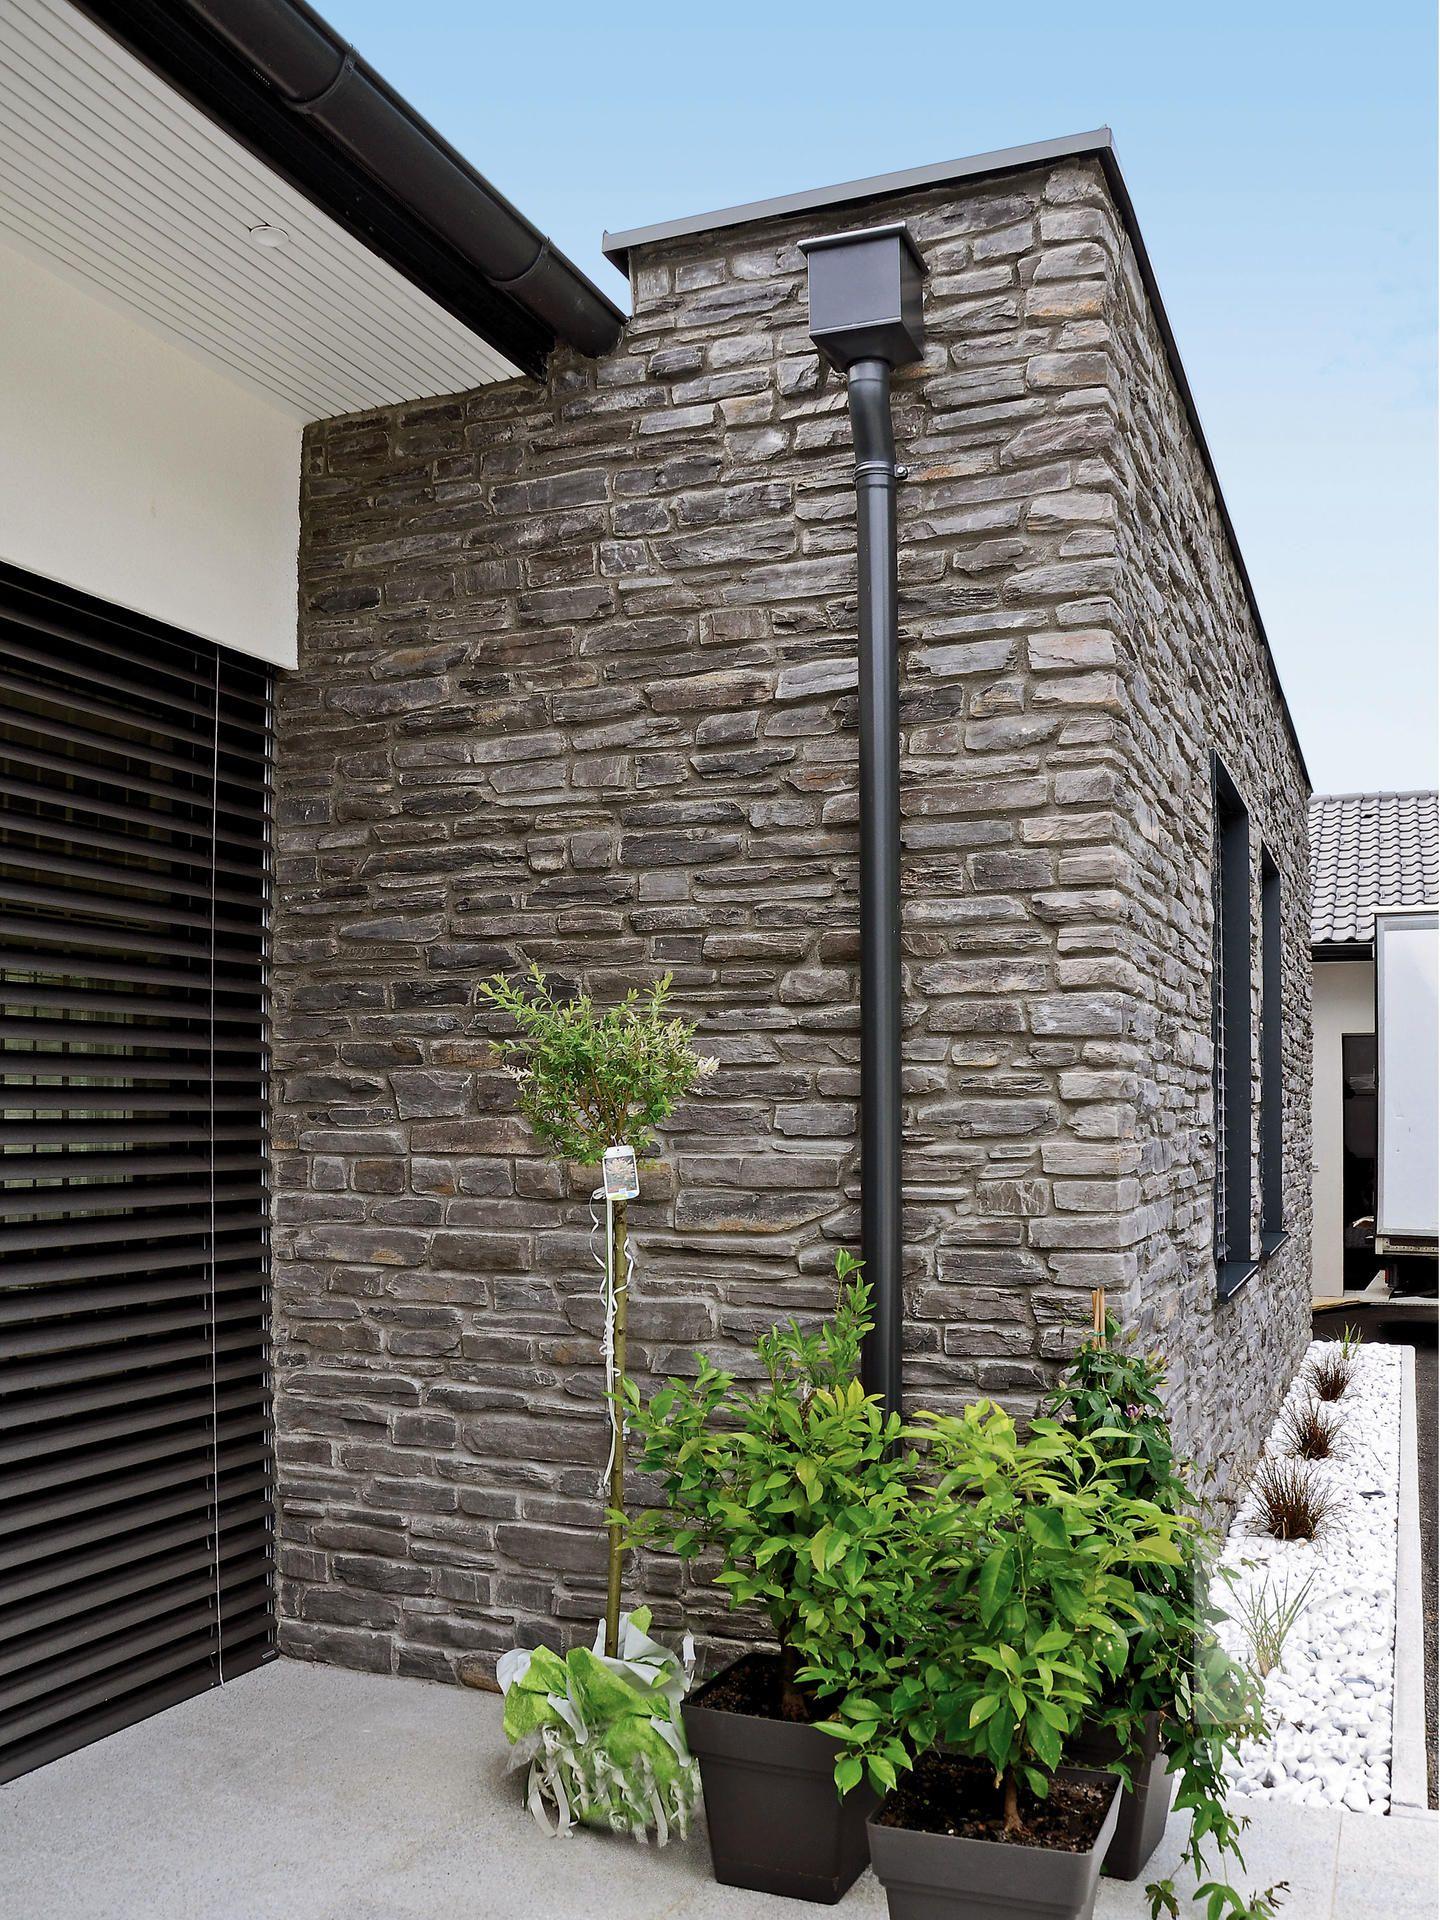 Hausfassade Steinoptik Modell P19 Toce Gesplittert Fassade Home